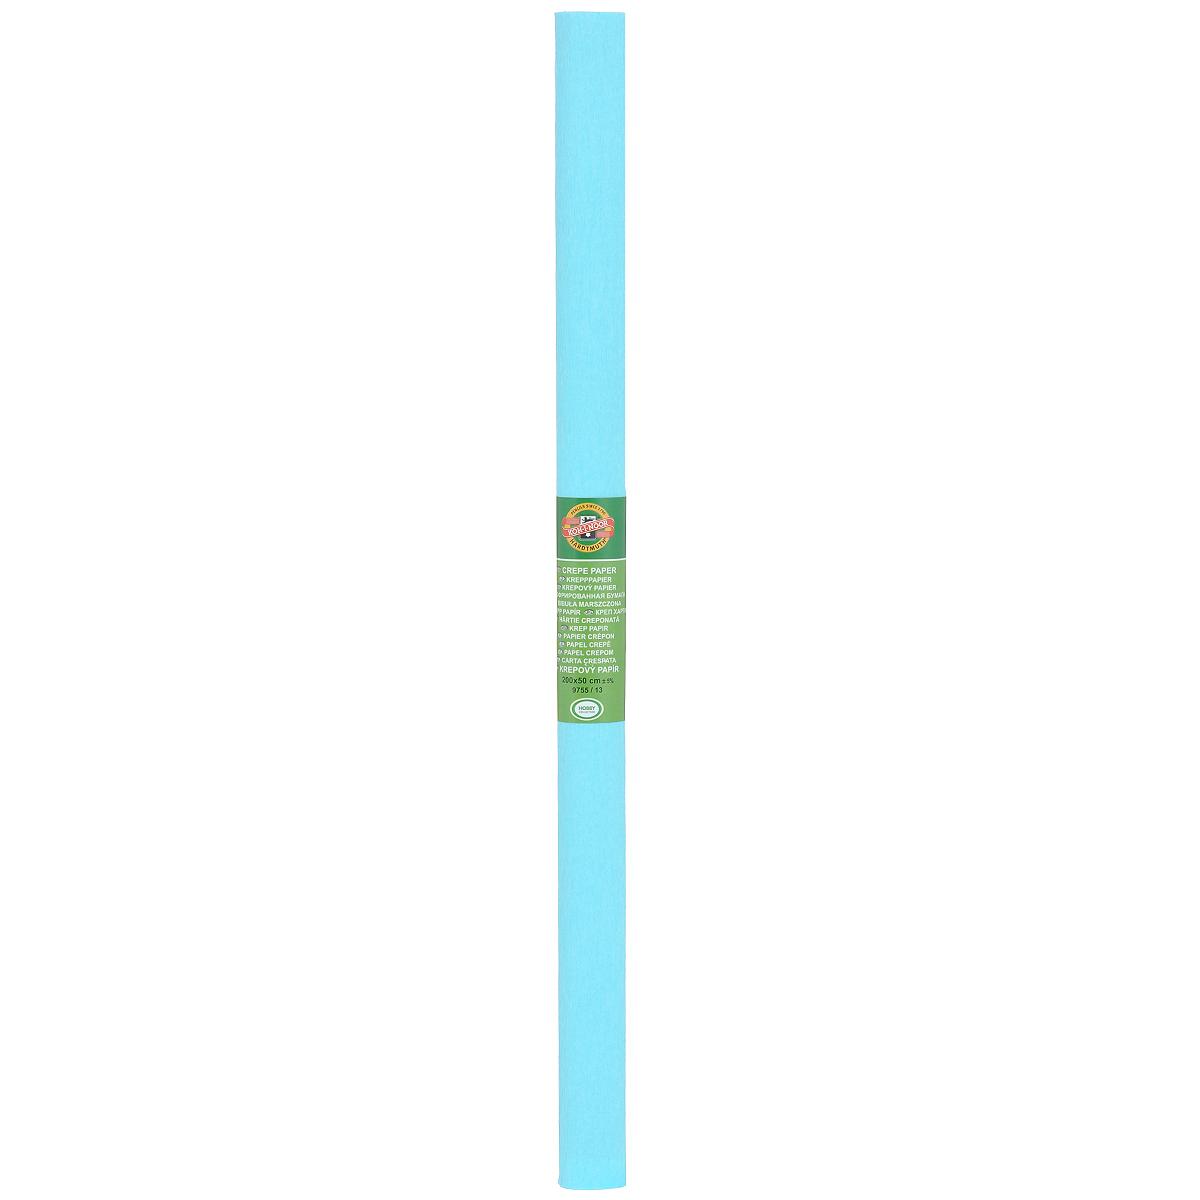 Бумага крепированная Koh-I-Noor, цвет: светло-бирюзовый, 50 см x 2 м55052Крепированная бумага Koh-I-Noor - прекрасный материал для декорирования, изготовления эффектной упаковки и различных поделок. Бумага прекрасно держит форму, не пачкает руки, отлично крепится и замечательно подходит для изготовления праздничной упаковки для цветов.